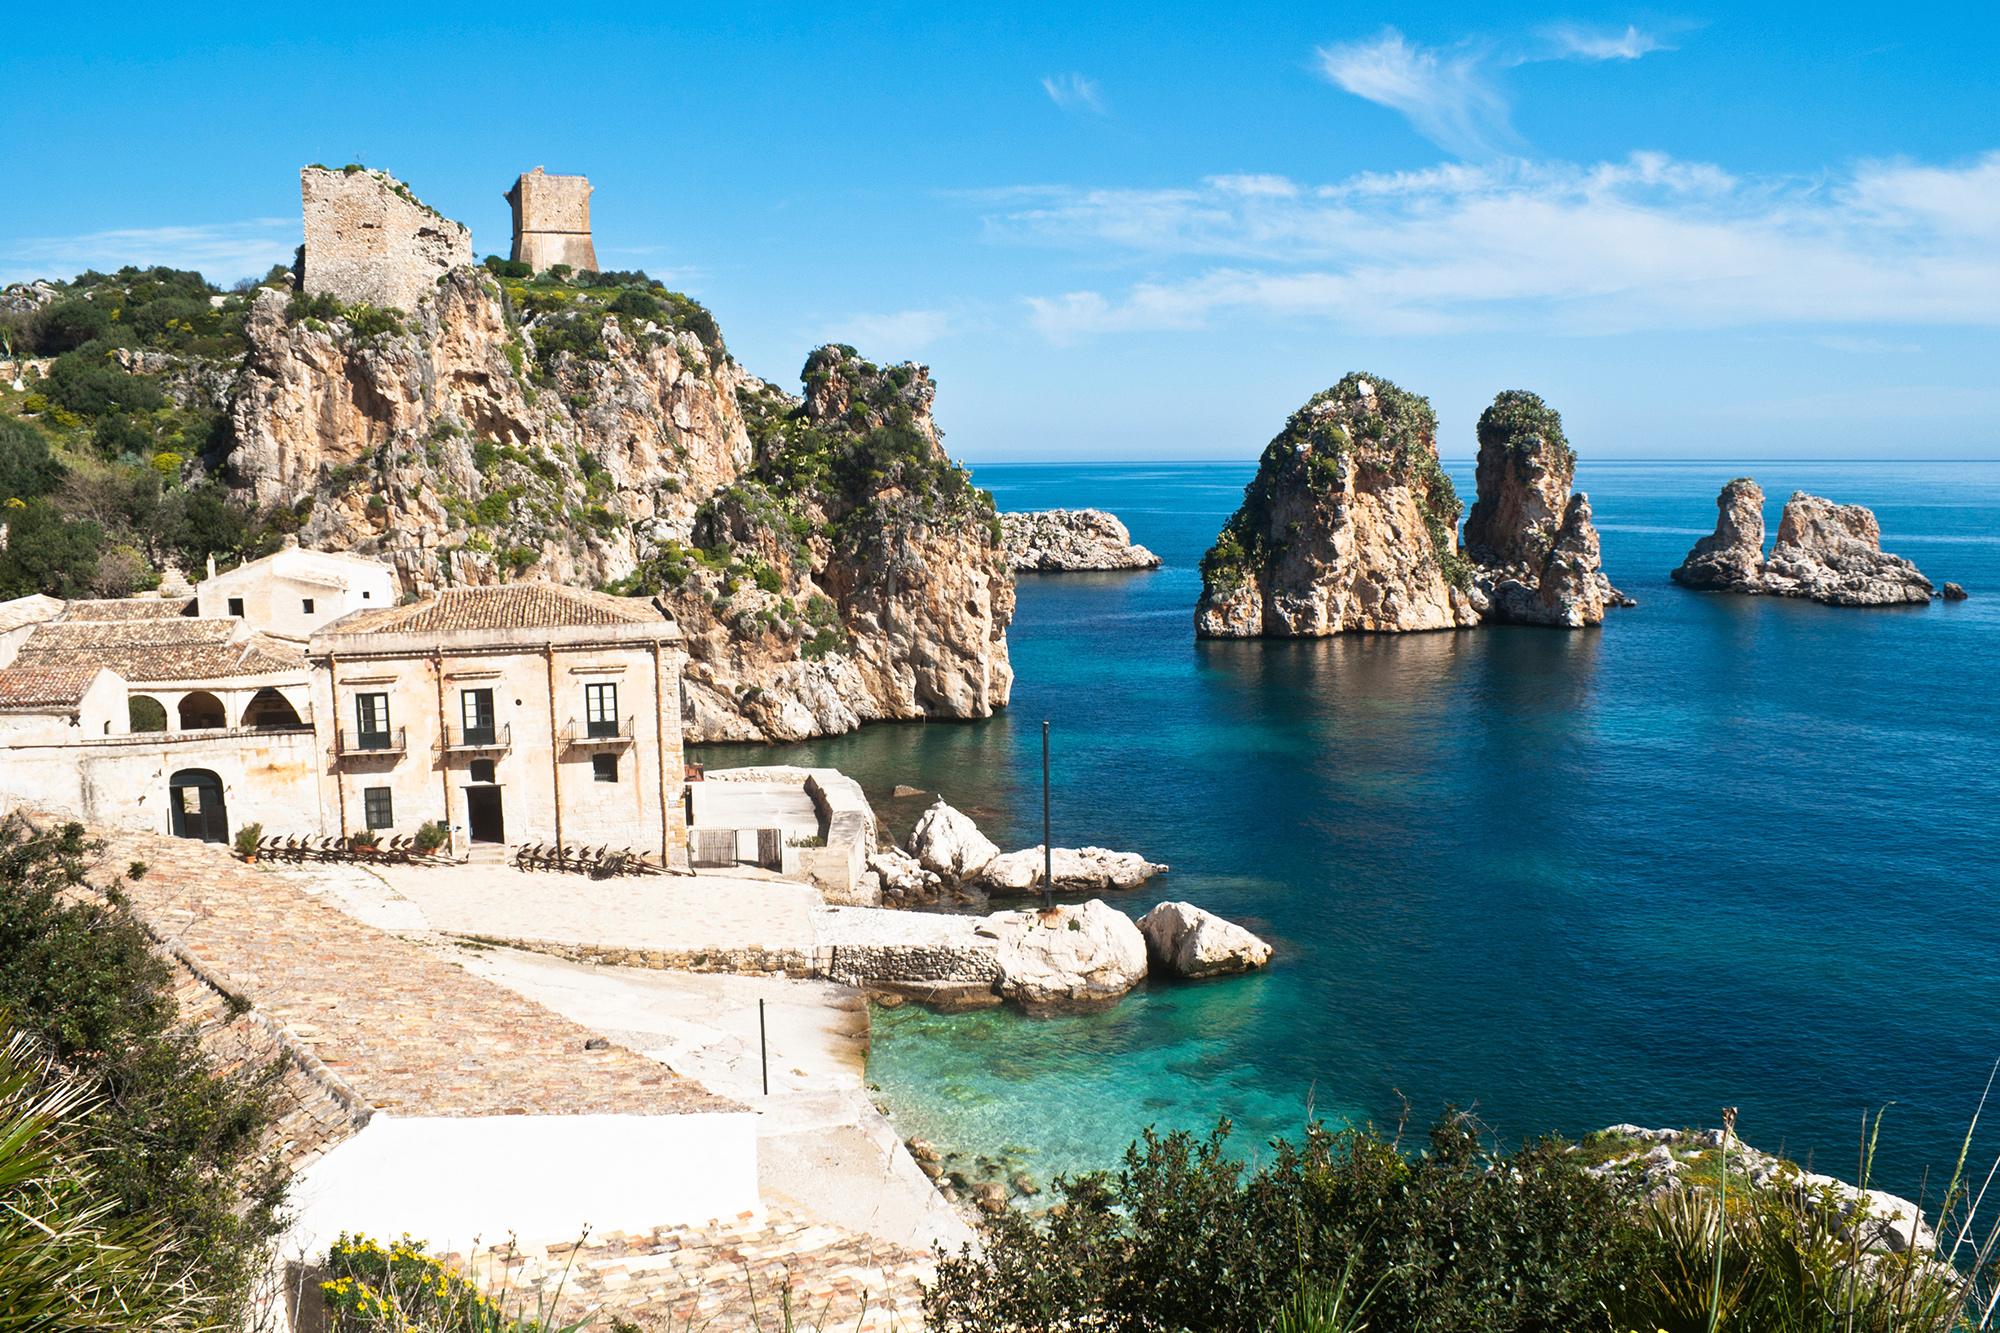 Ferienhaus Italien Ferienwohnungen Ferienhauser Tui Com